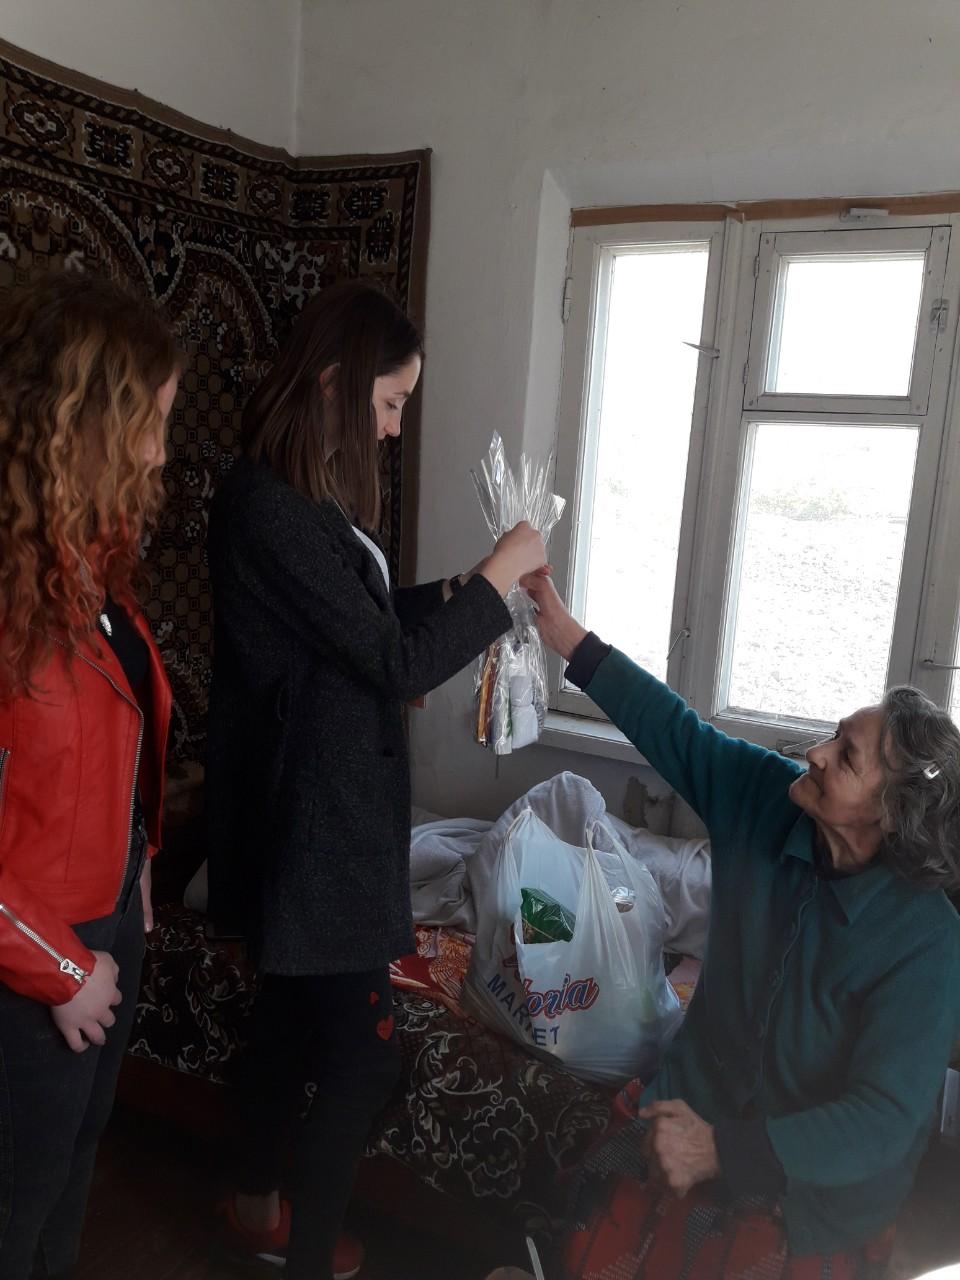 Voluntariat în ajun de sărbătorile Pascale cu implicarea tinerilor şi persoanelor în etate